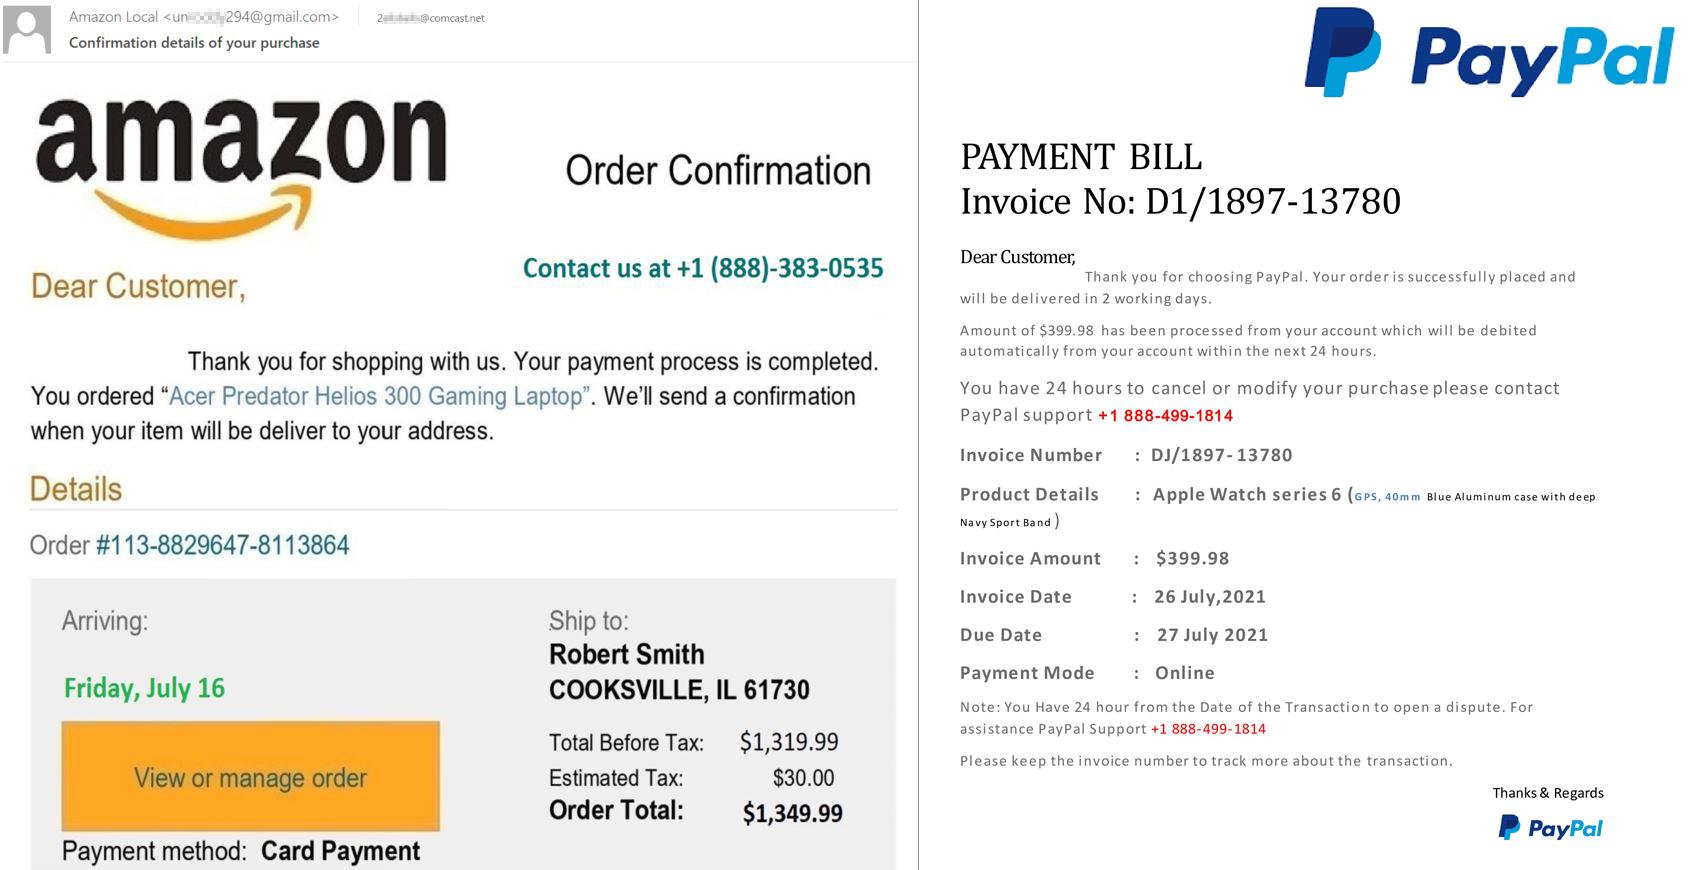 偽の電話番号が掲載された、偽物のPayPal/Amazonの購入確認メール